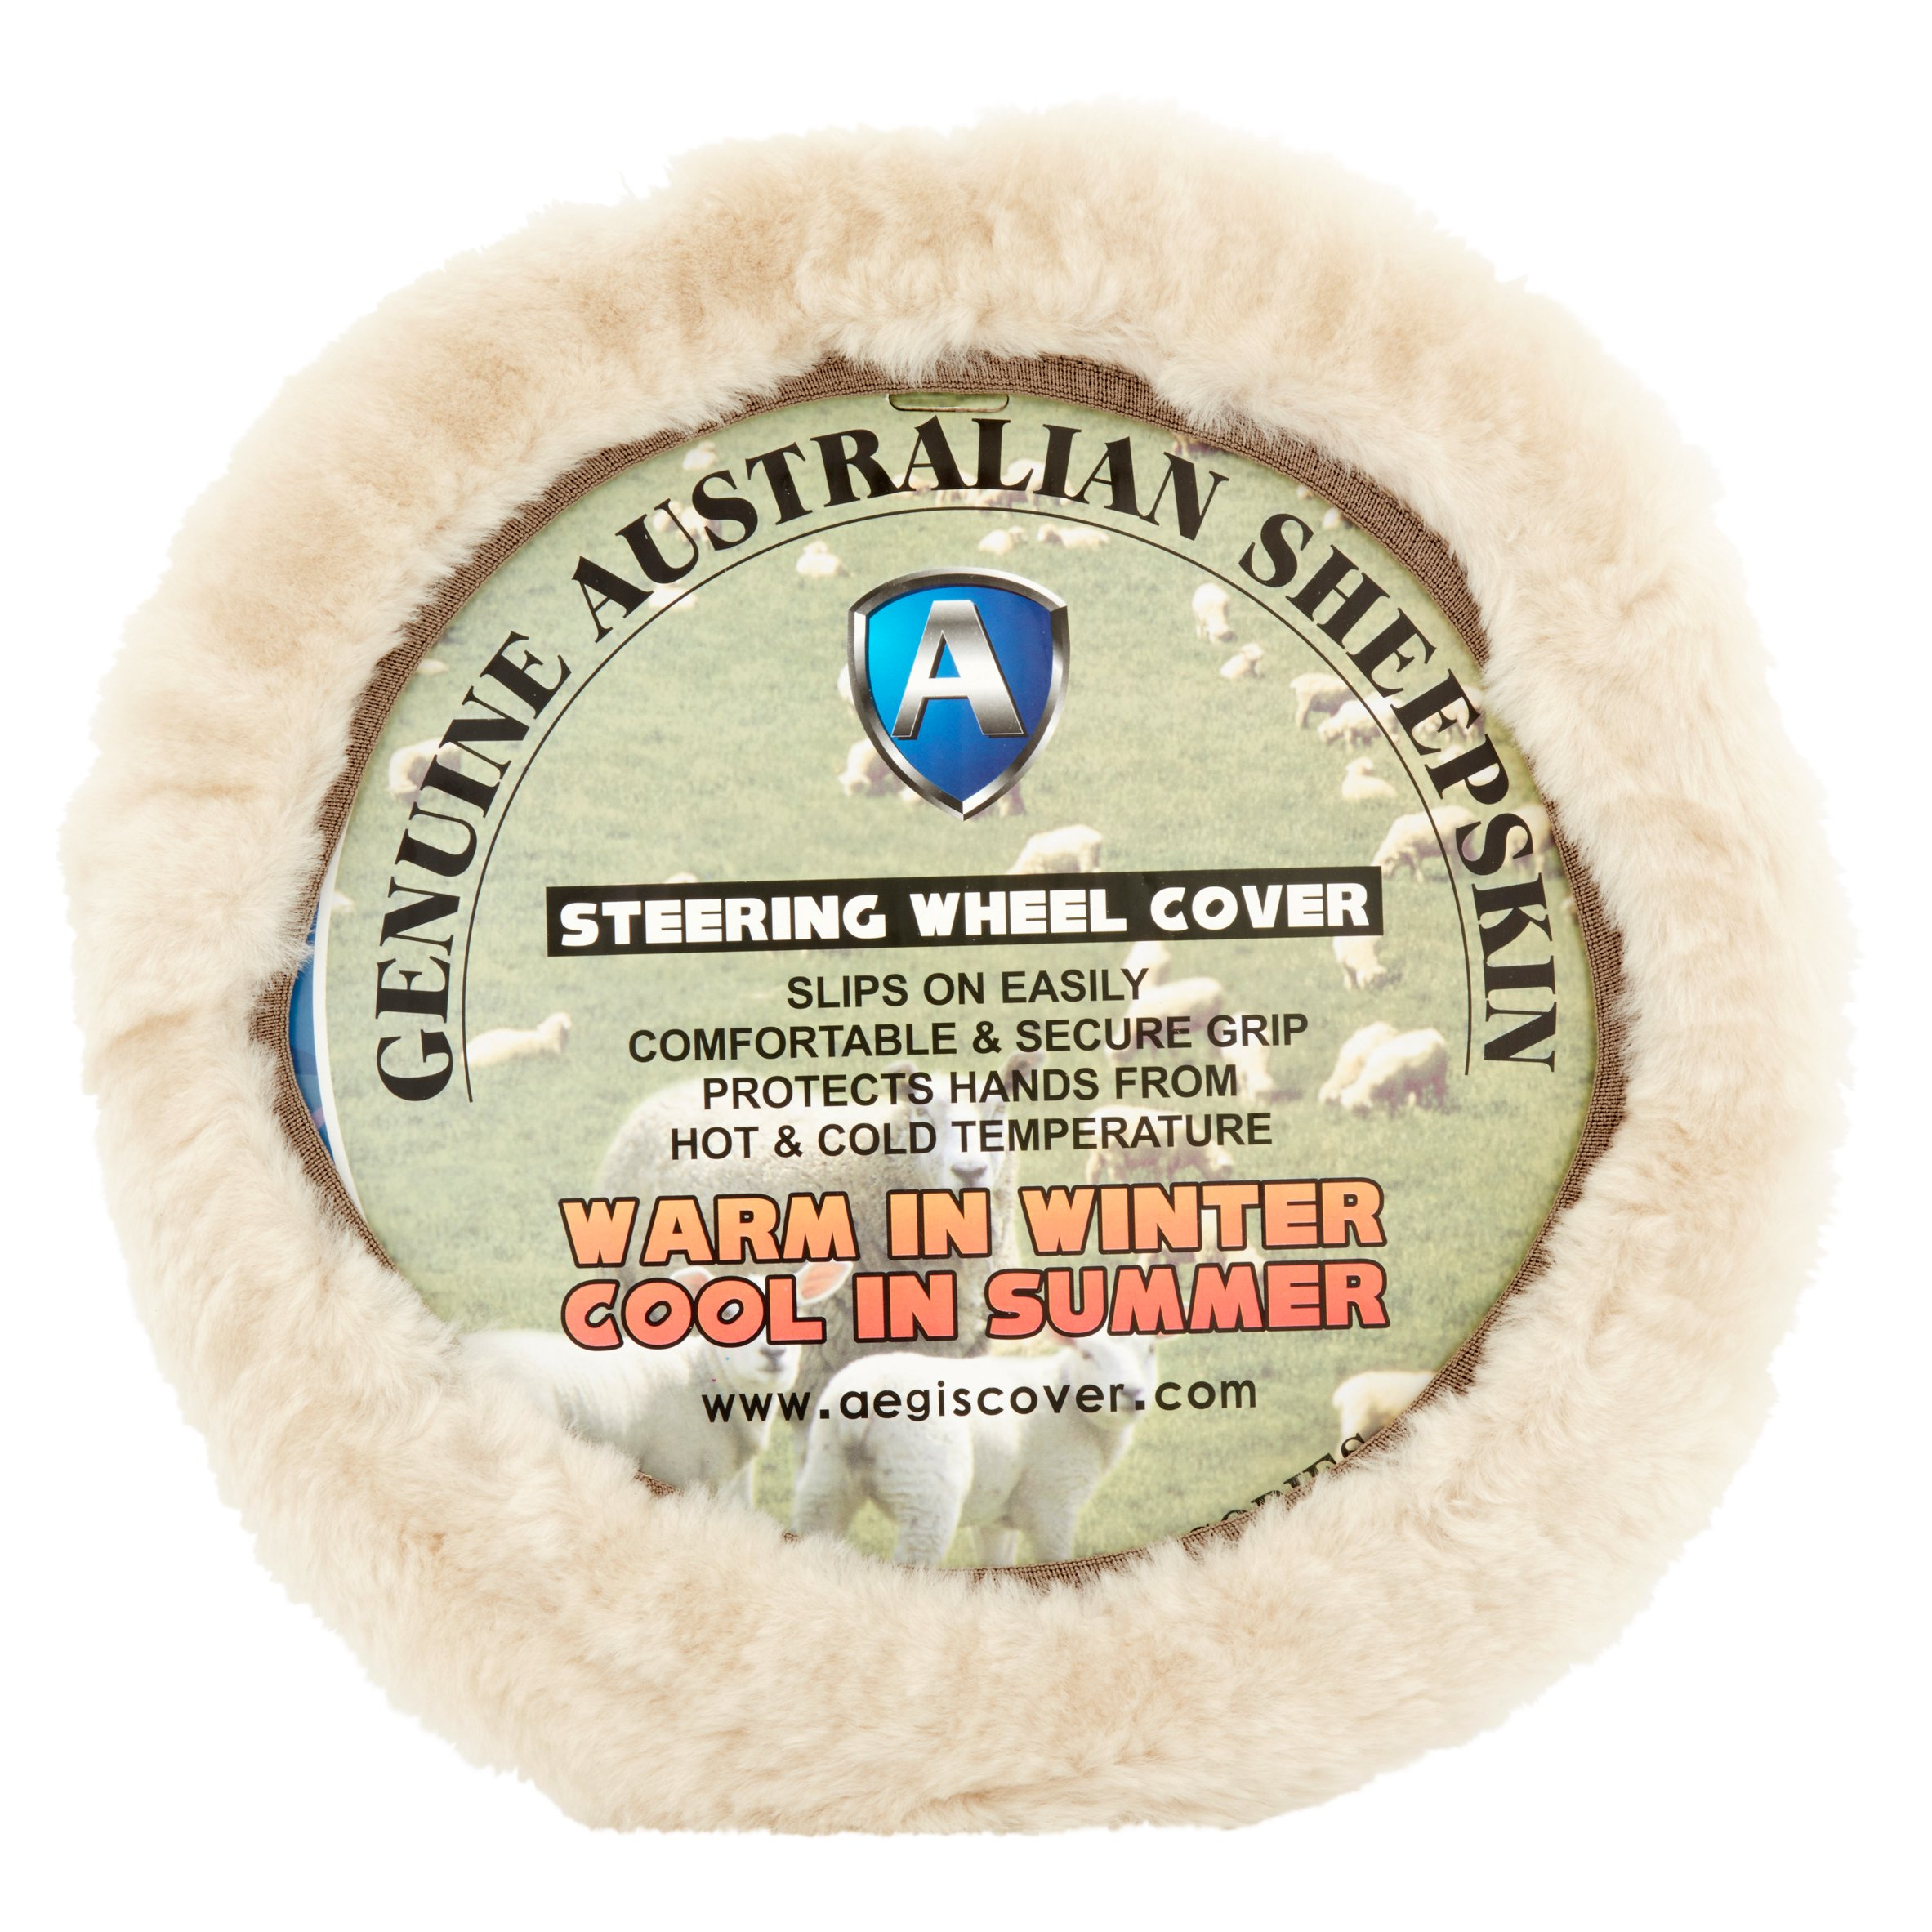 Aegis Cover Genuine Australian Sheepskin Steering Wheel Cover